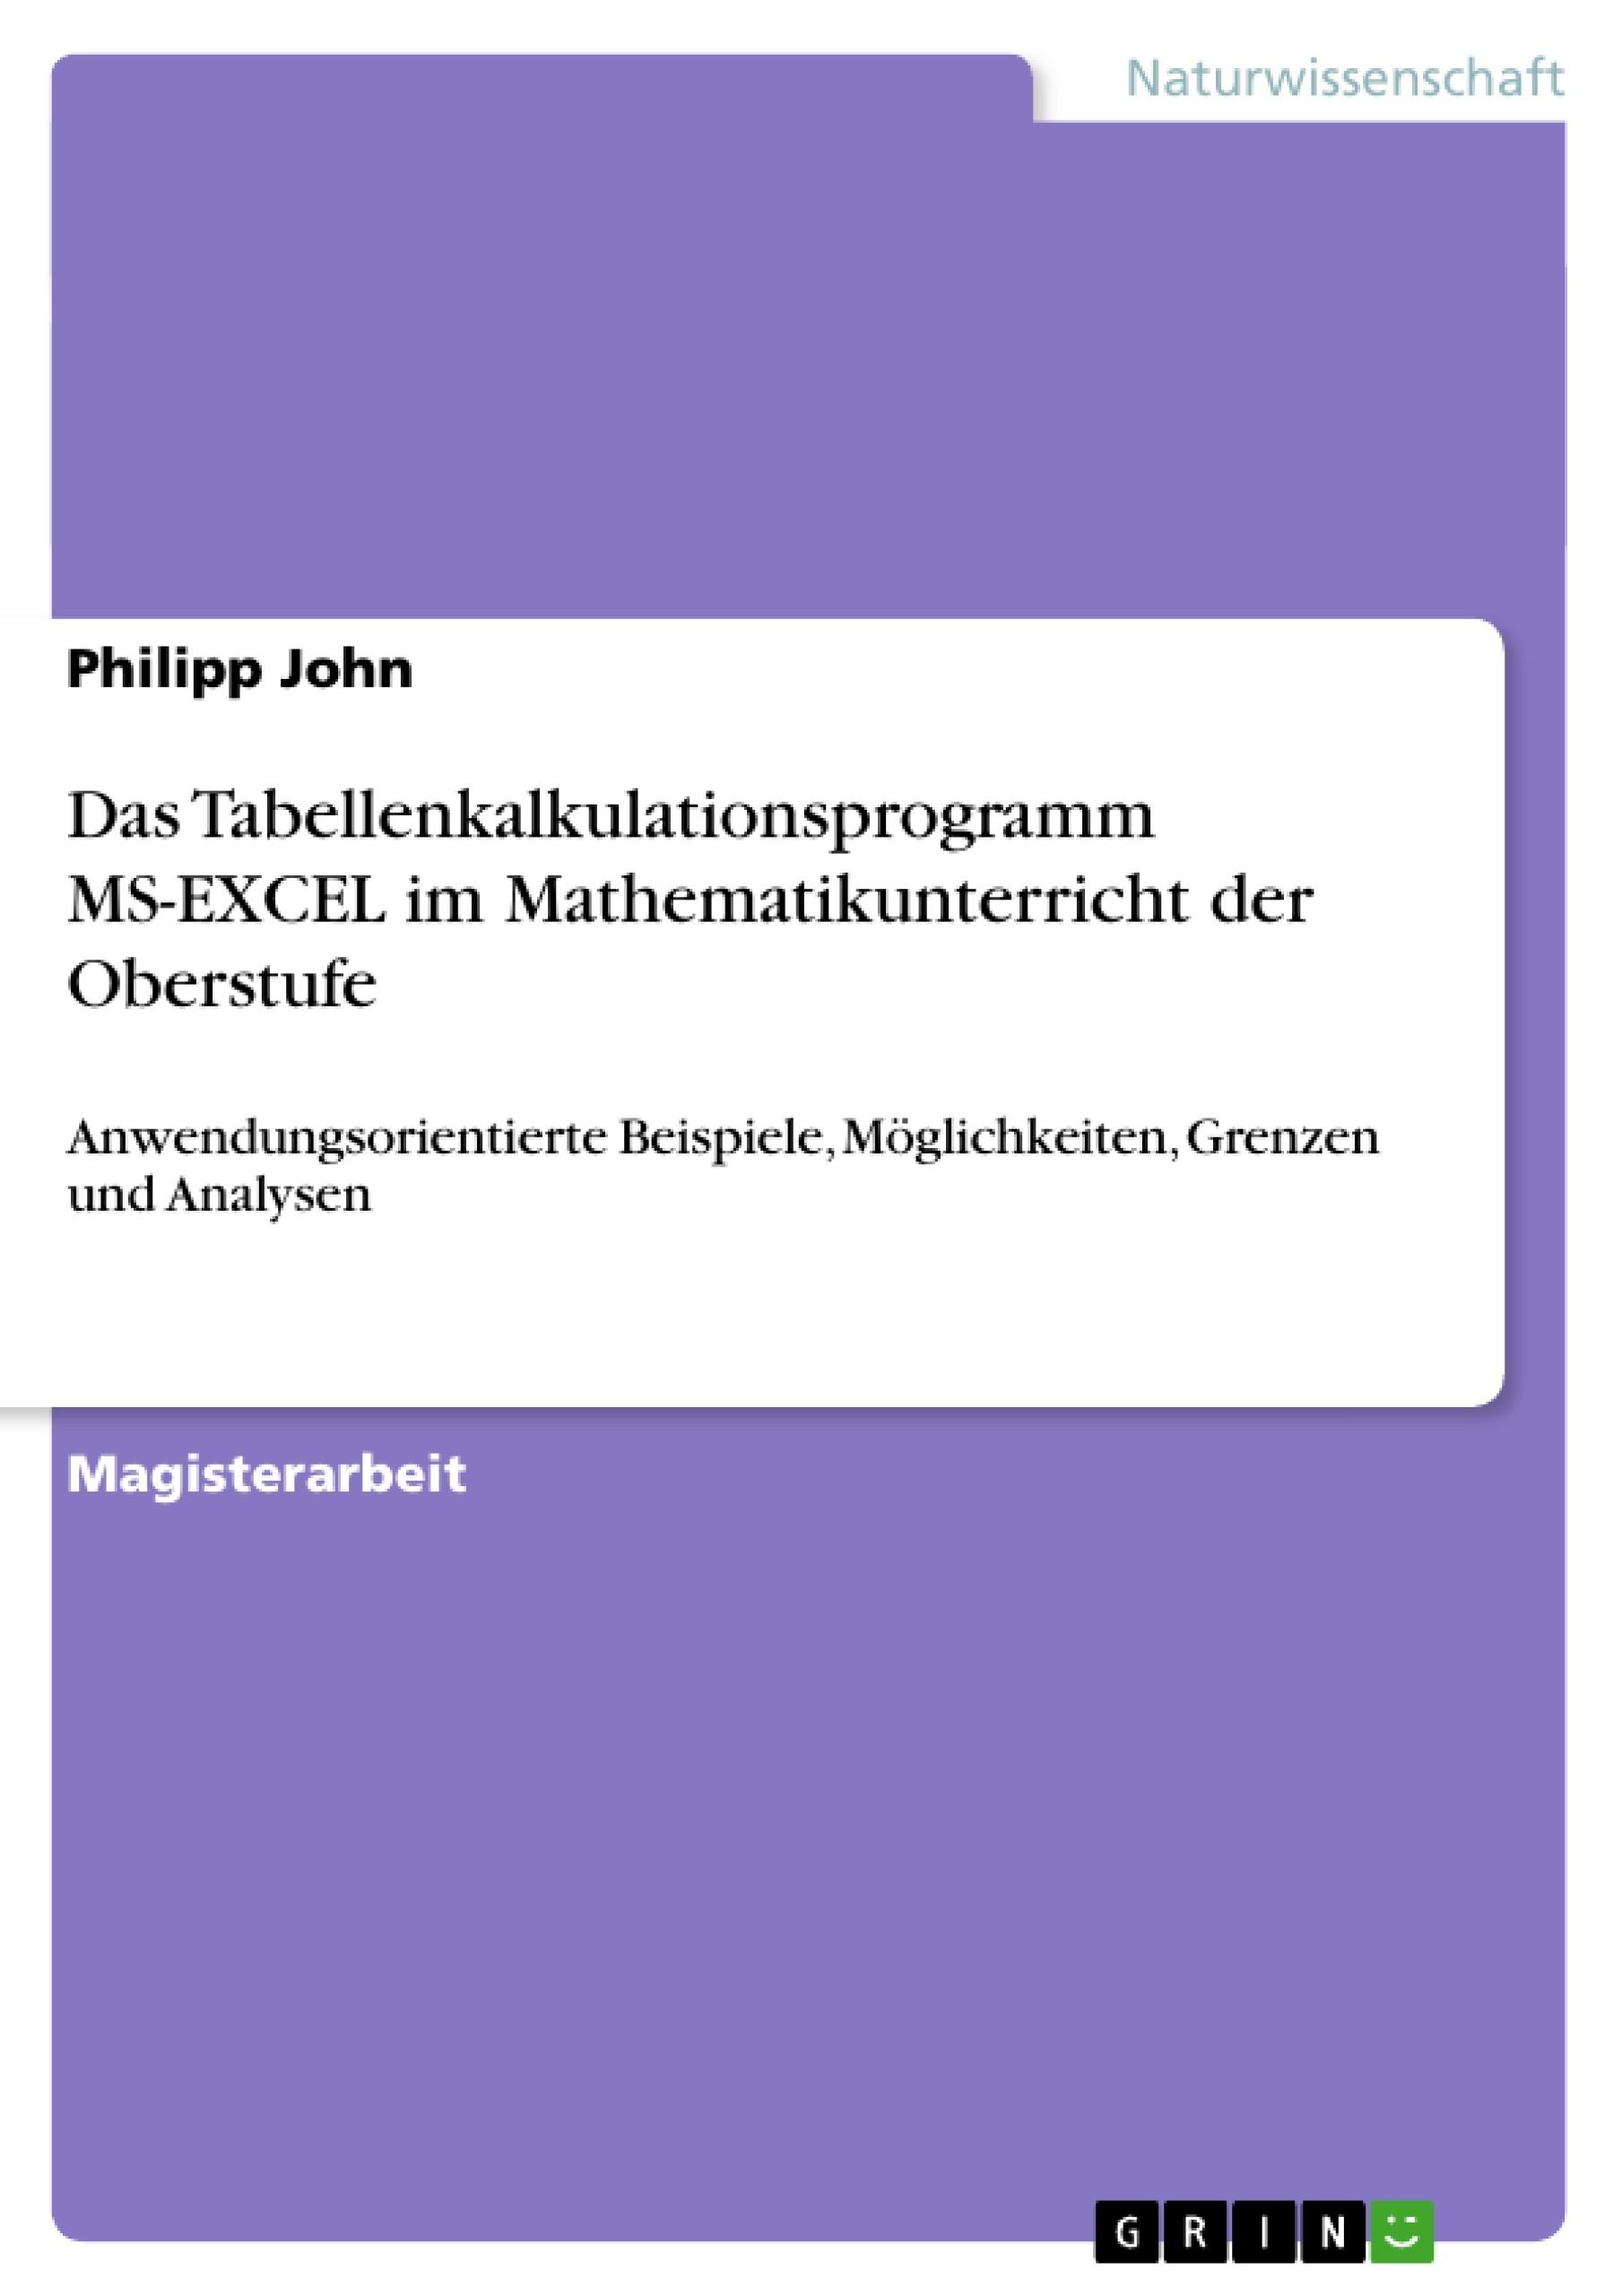 Titel: Das Tabellenkalkulationsprogramm MS-EXCEL im Mathematikunterricht der Oberstufe